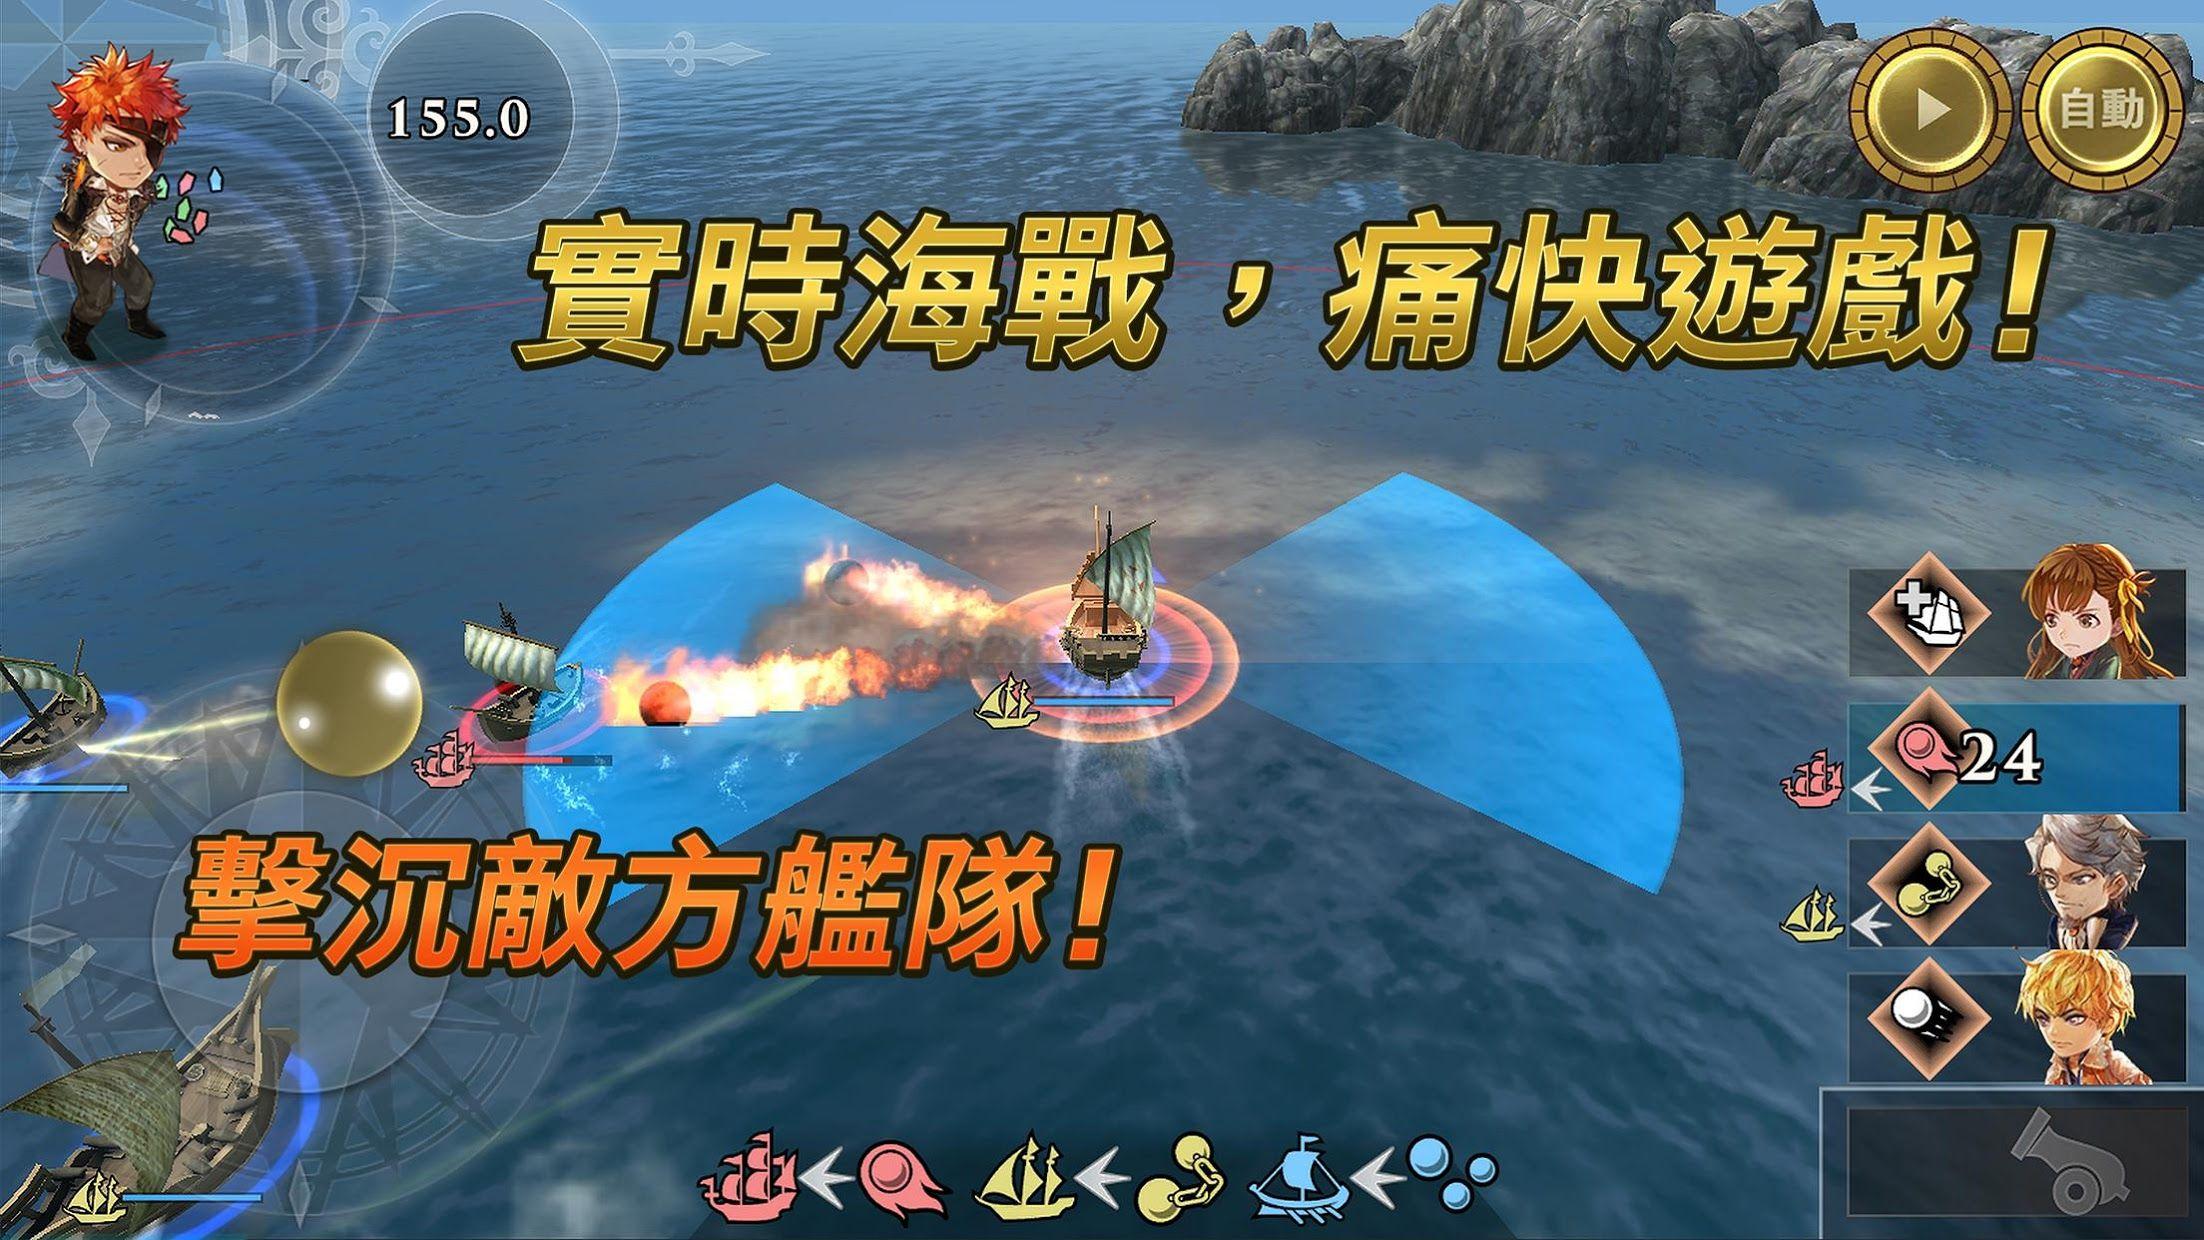 大航海时代Ⅵ(台服) 游戏截图3